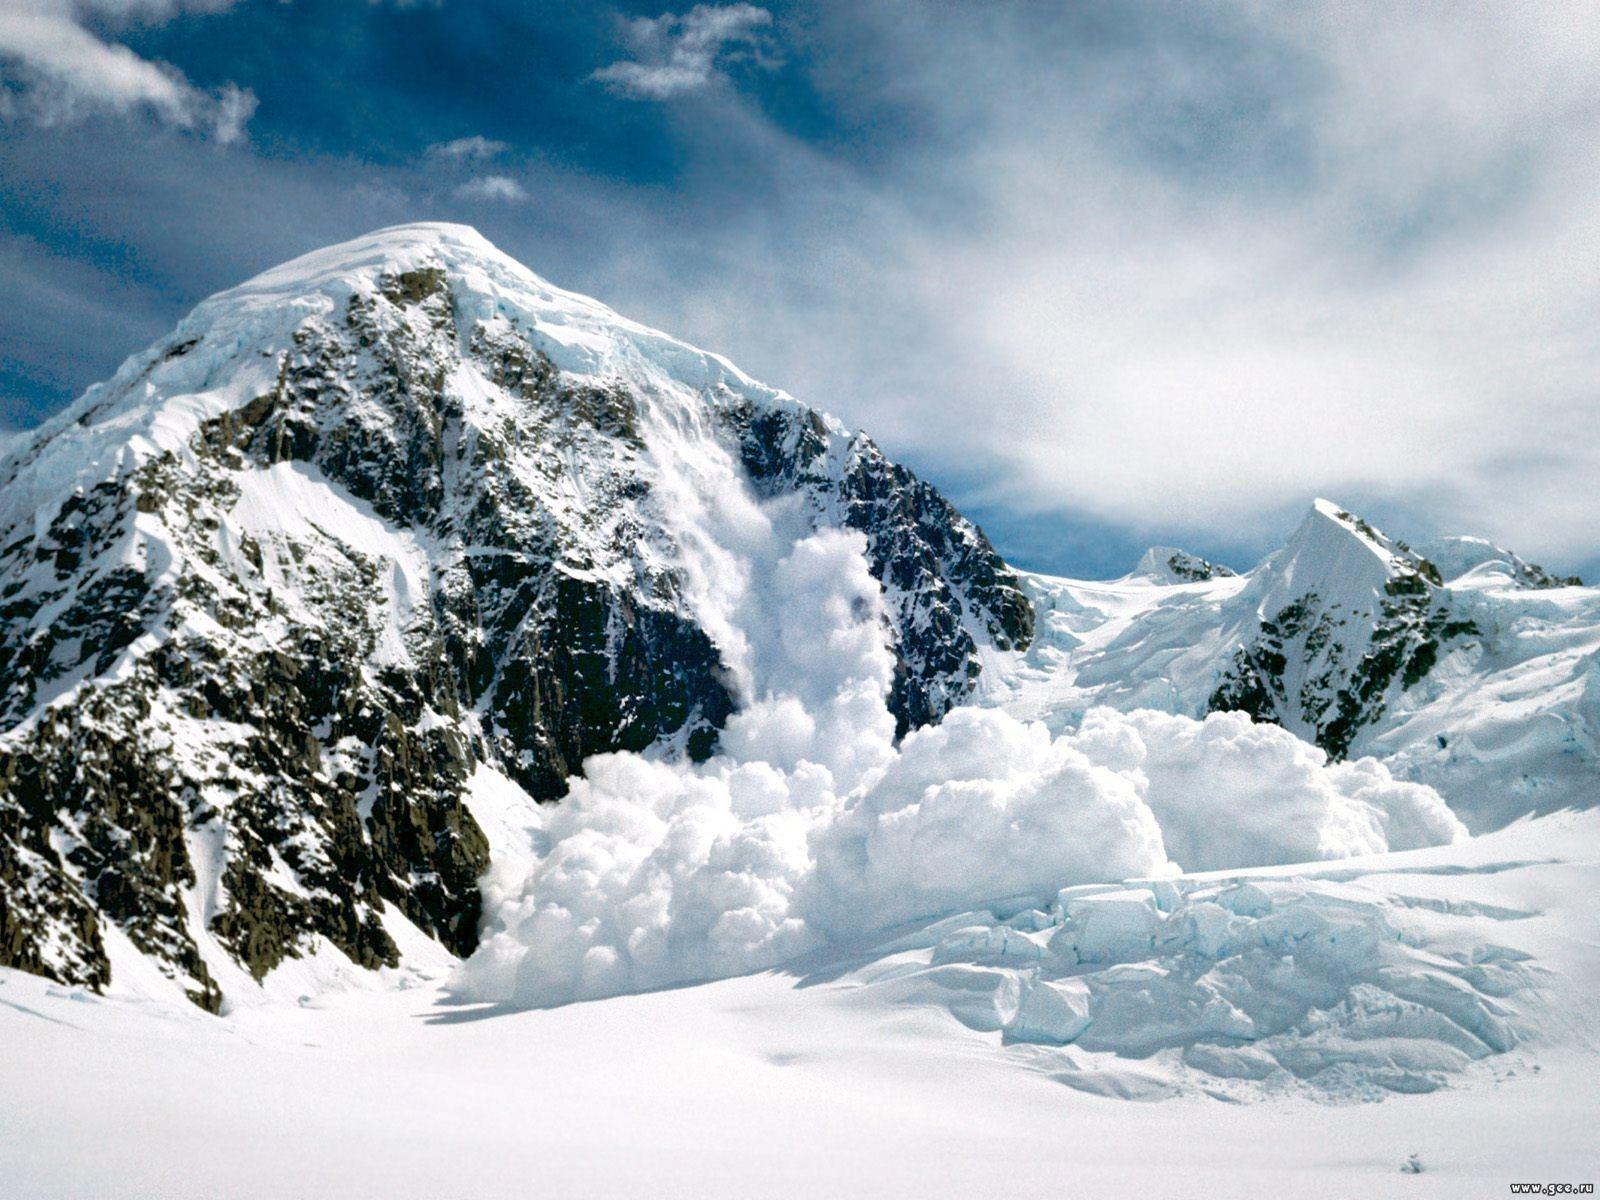 Wallpaper ไหนว่าปีนี้จะหนาวสุดในรอบ 30 ปี 50 Pic 182615-frederika